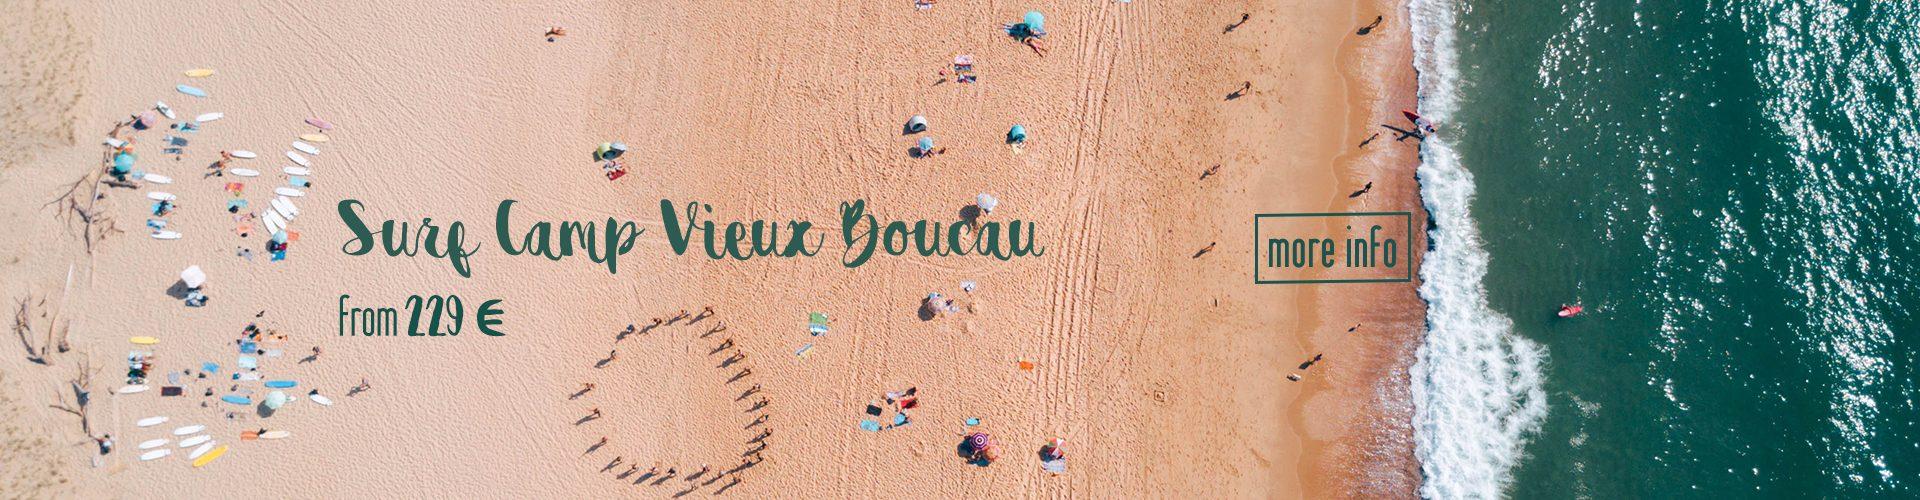 Surf Camp Vieux Boucau